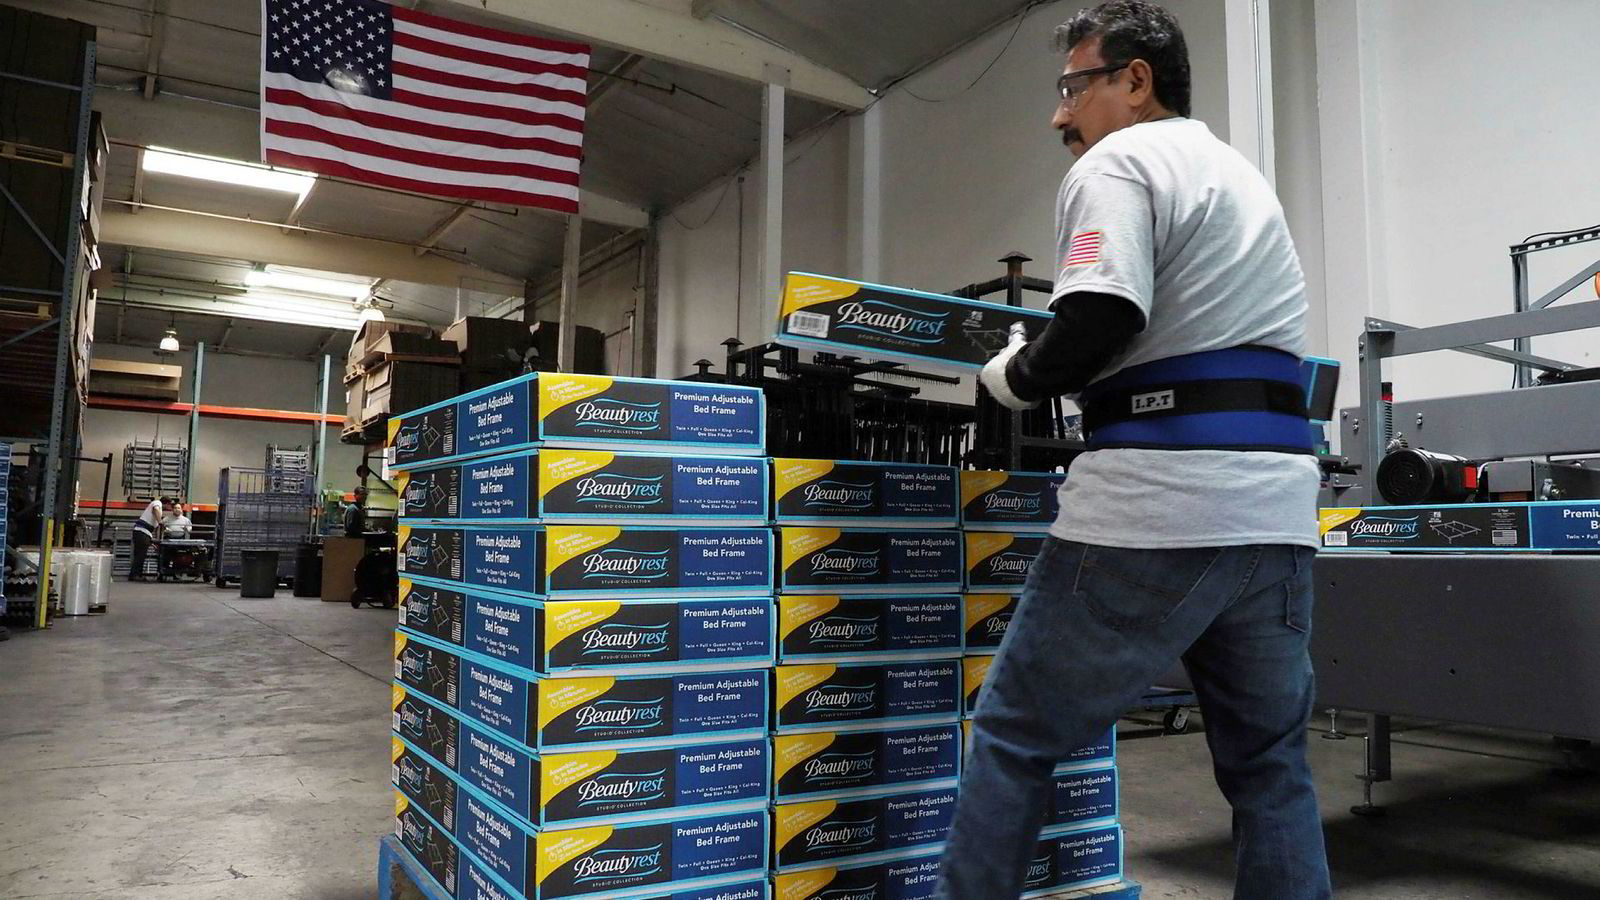 Ferske nøkkeltall viser at amerikansk industri sliter. Spørsmålet er om tjenestesektoren, som er åtte ganger større, kan holde aktiviteten og amerikansk forbruk oppe. Her fra en sengeprodusent i Commerce, California.